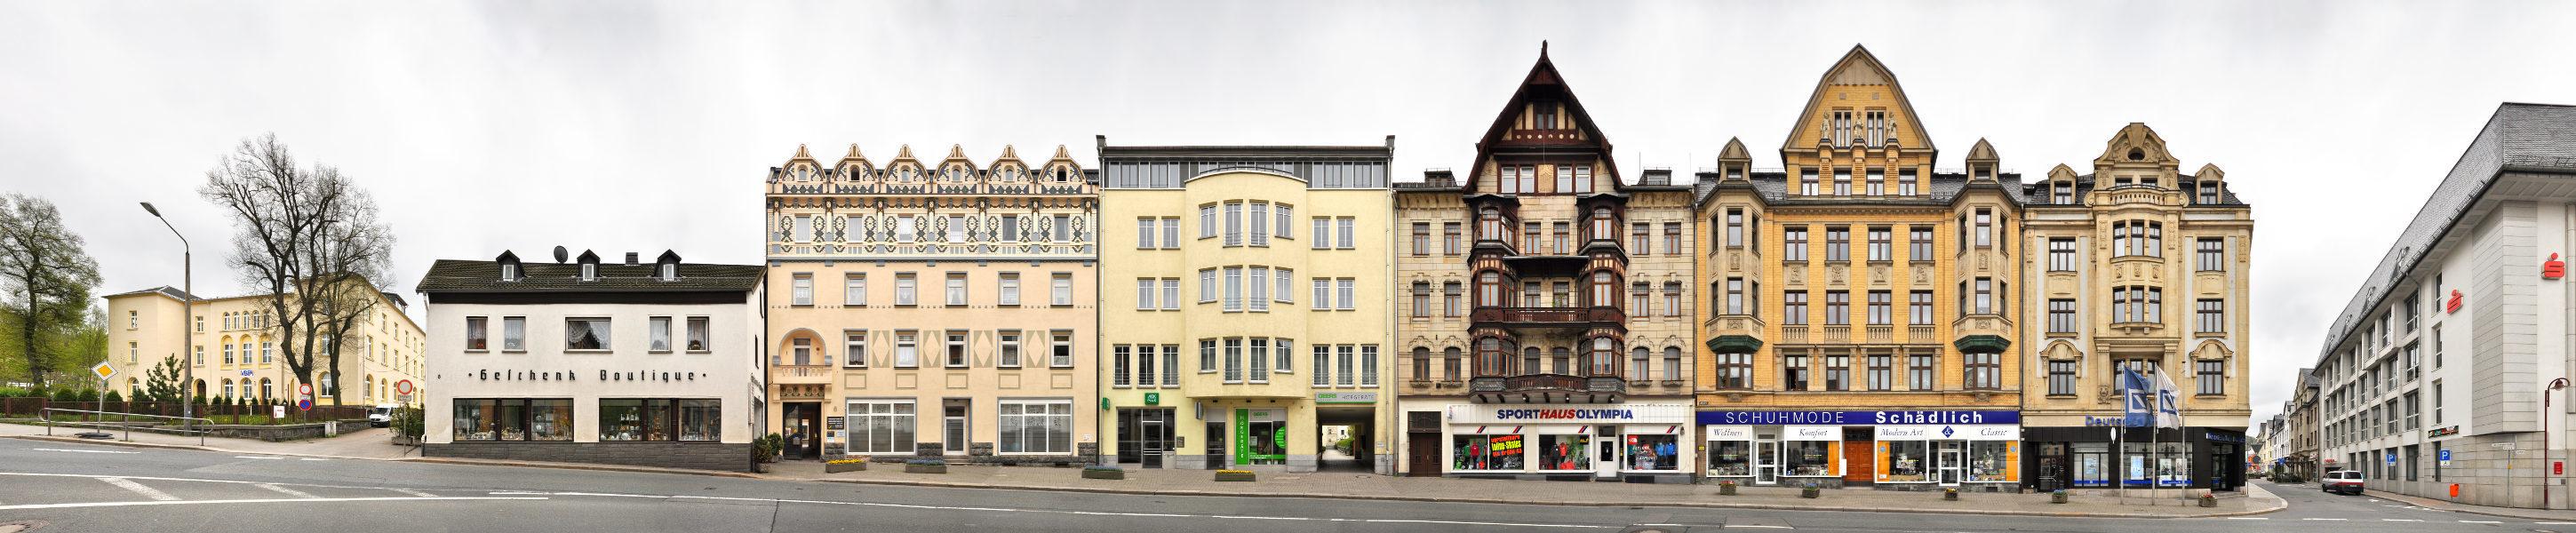 Altmarkt | Schwarzenberger Strasse